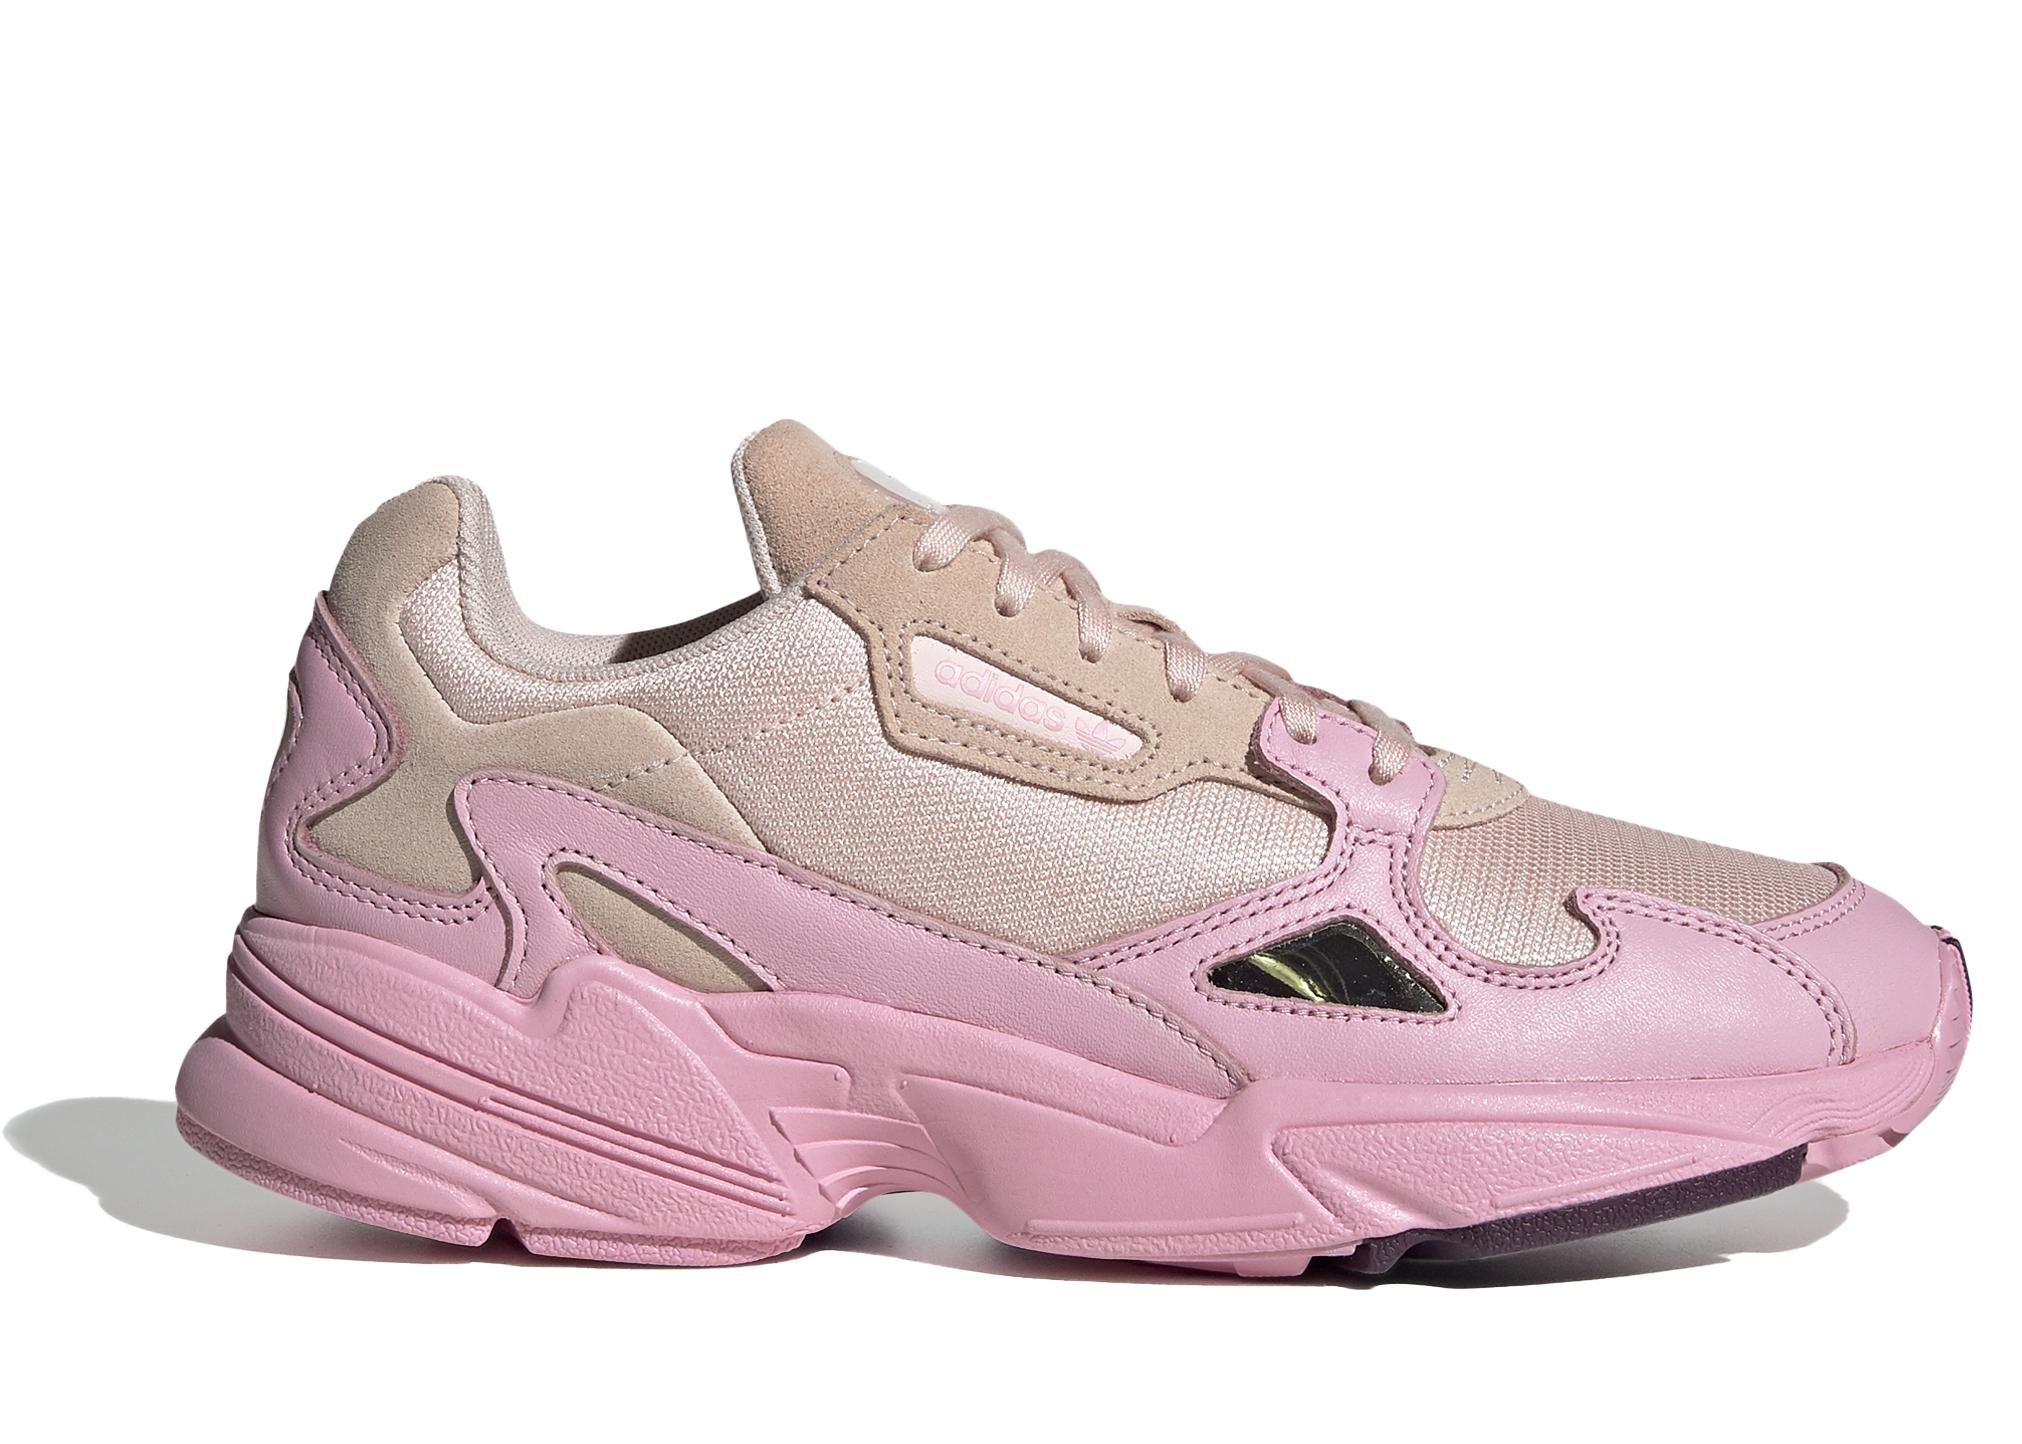 adidas Falcon Icey Pink (W) - EF1994